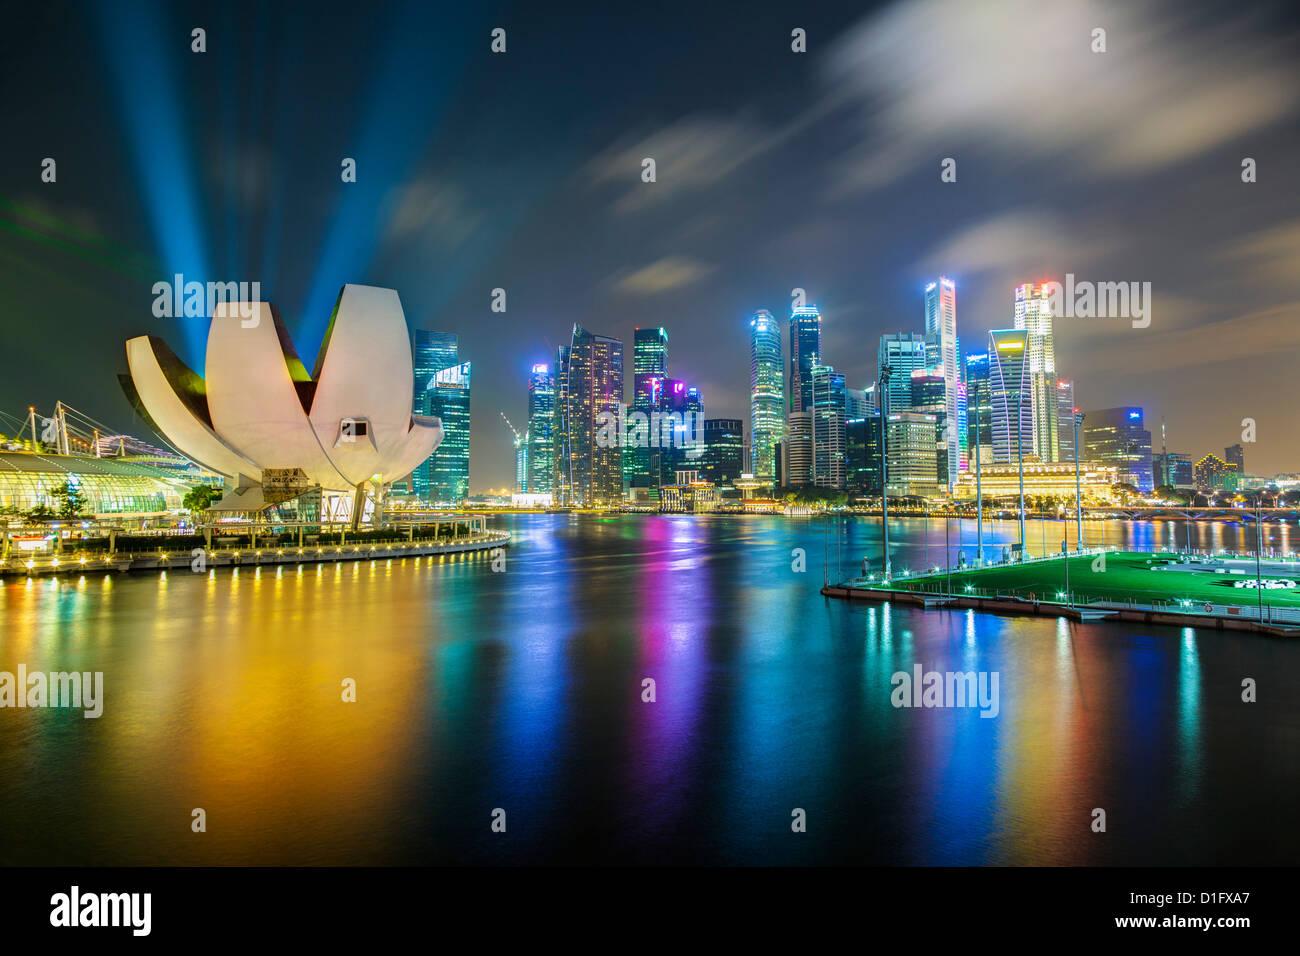 Science Museum für Kunst und Stadt Skyline von Marina Bay, Singapur, Südostasien, Asien Stockbild